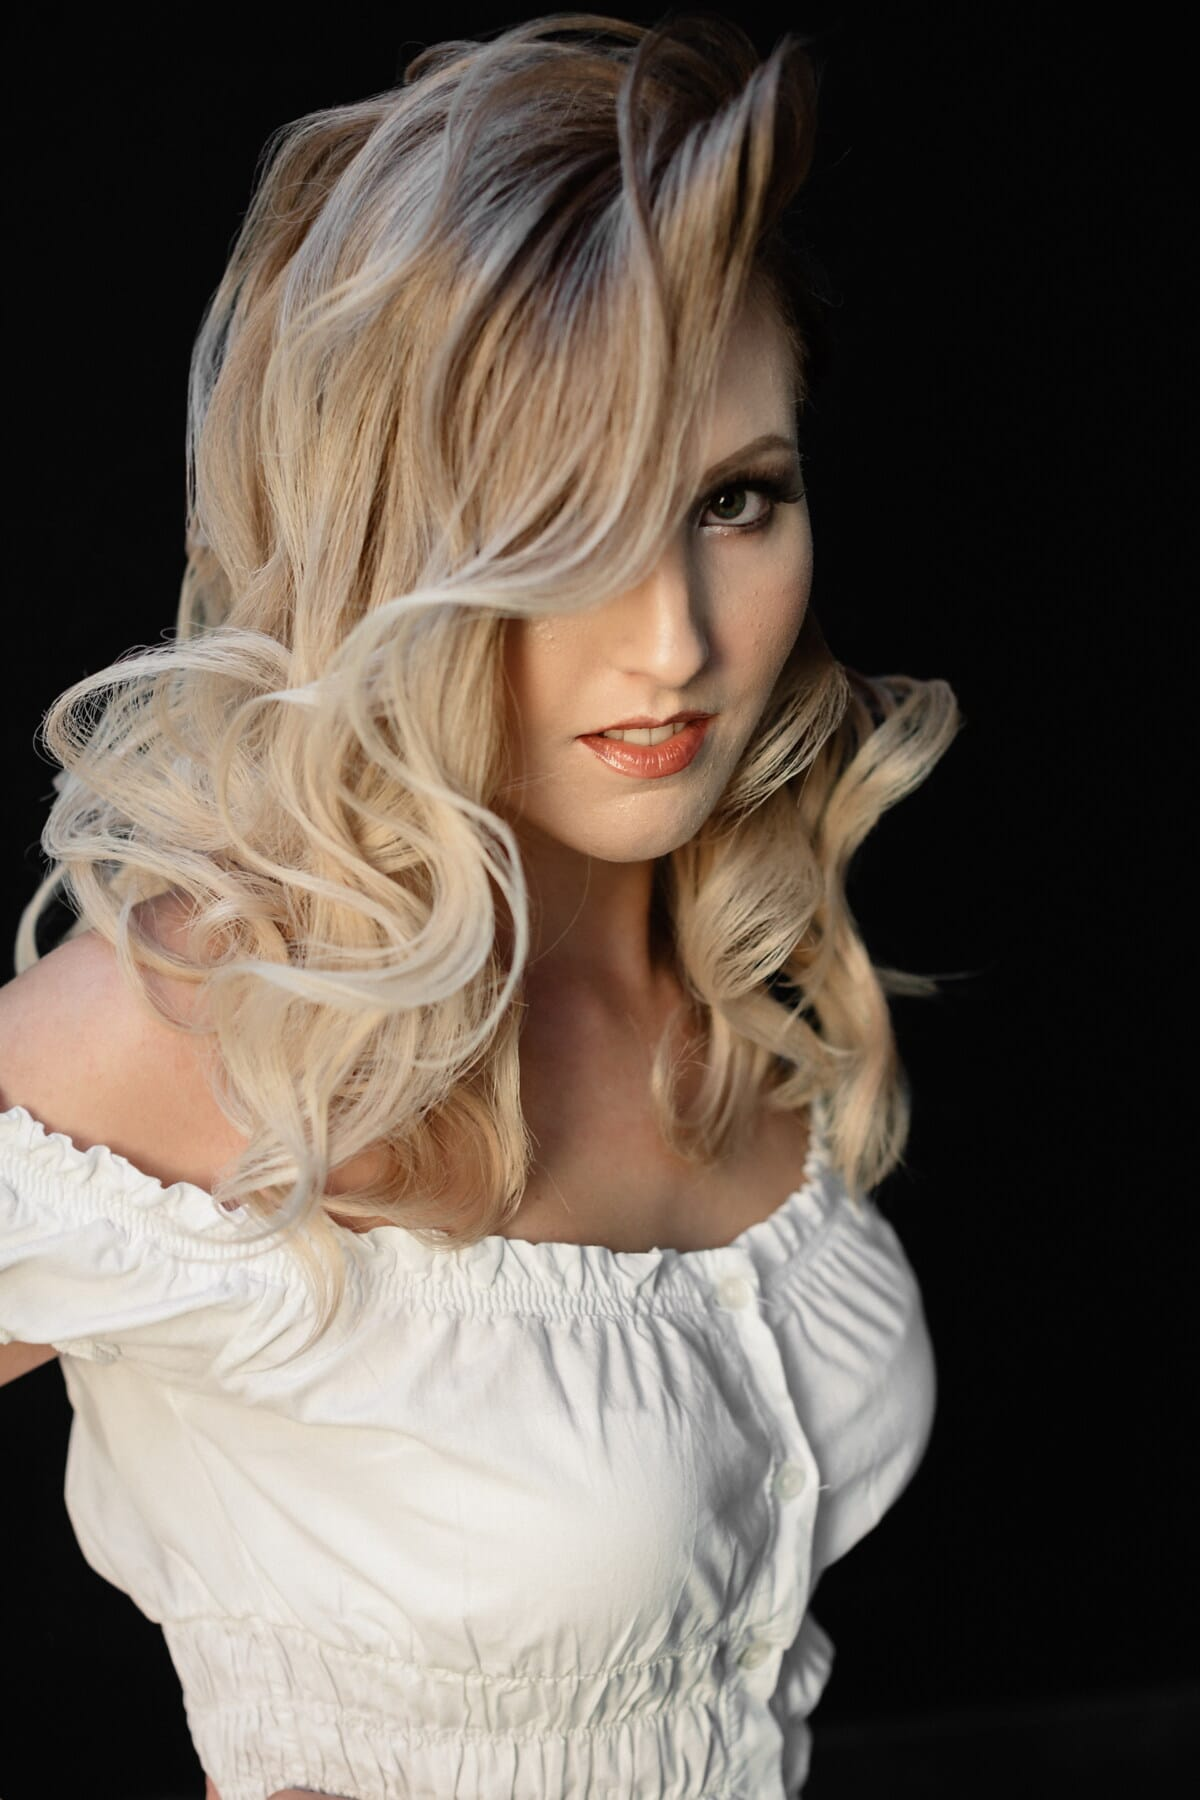 mulher jovem, retrato, posando, estúdio de fotografia, adorável, garota bonita, cara, mulher, loira, peruca